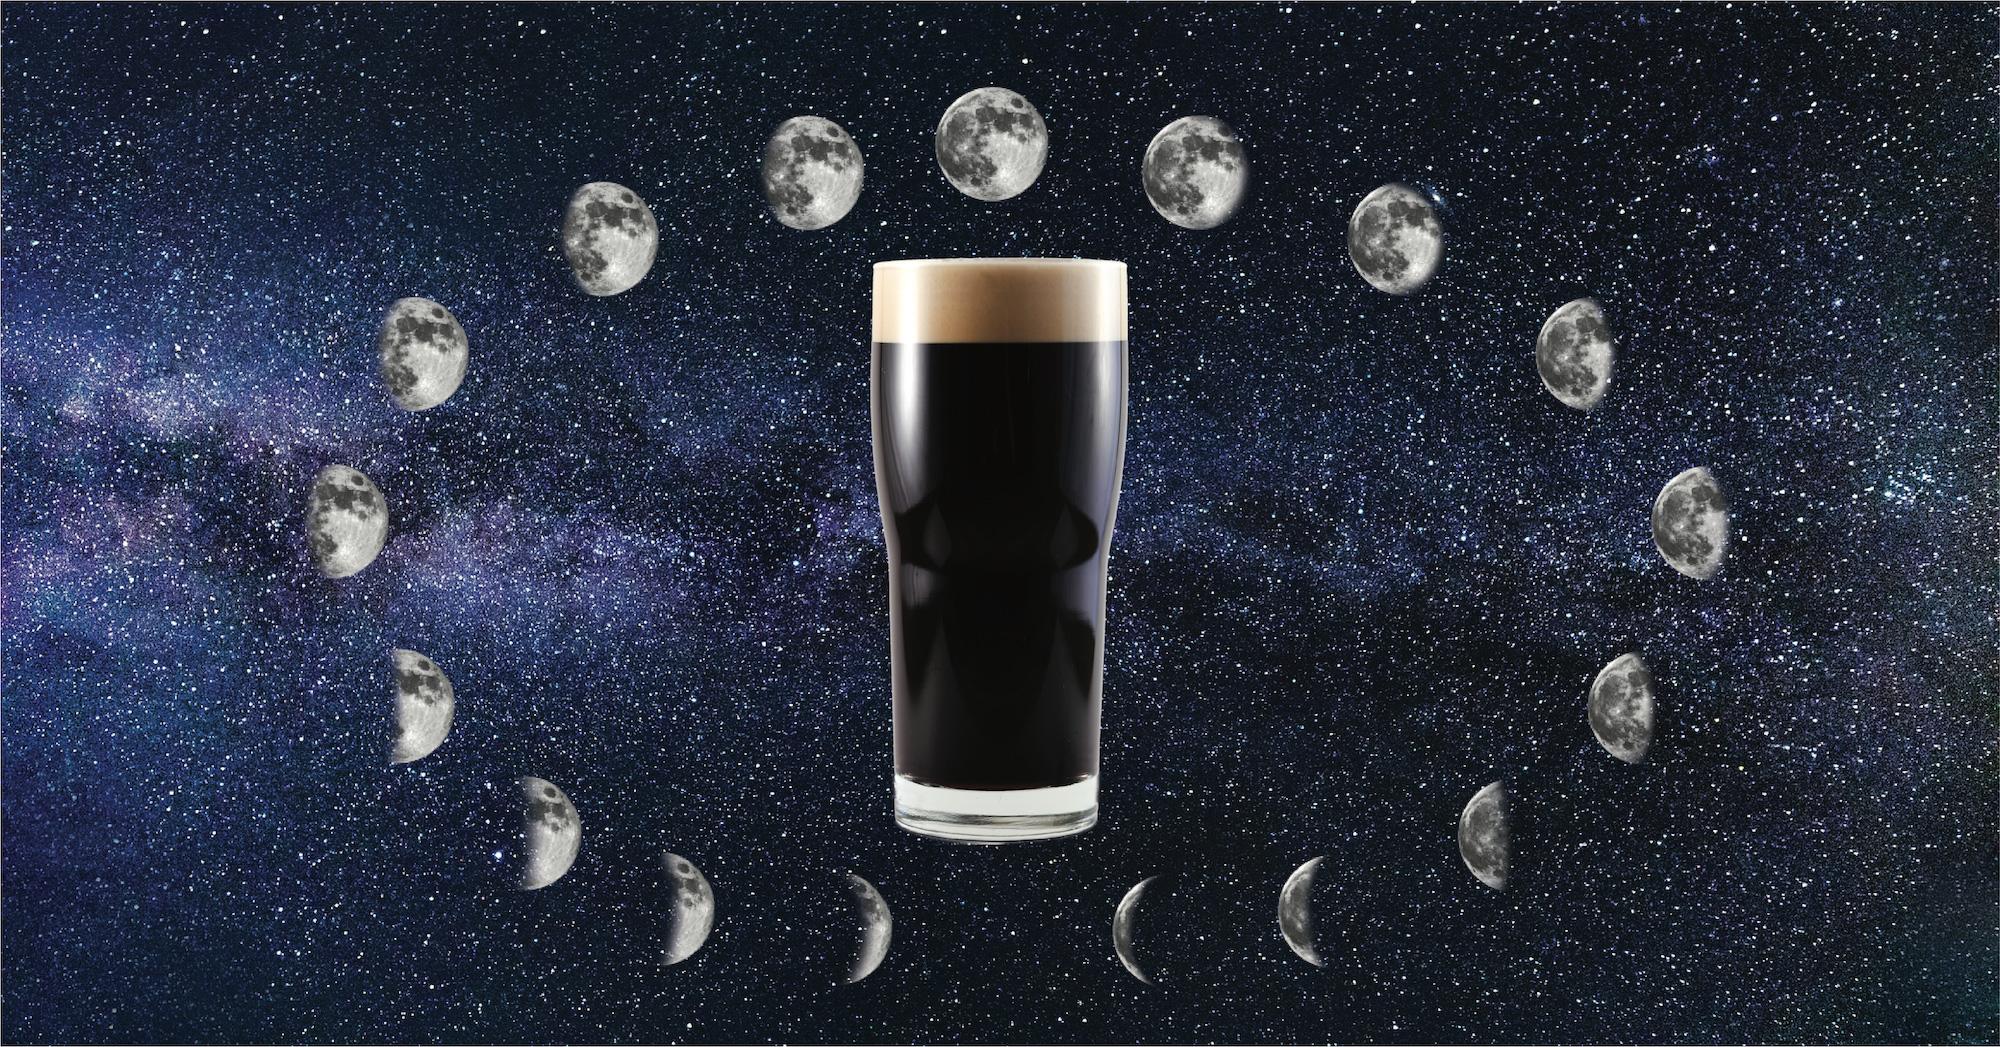 Solstice Beer Image.jpg